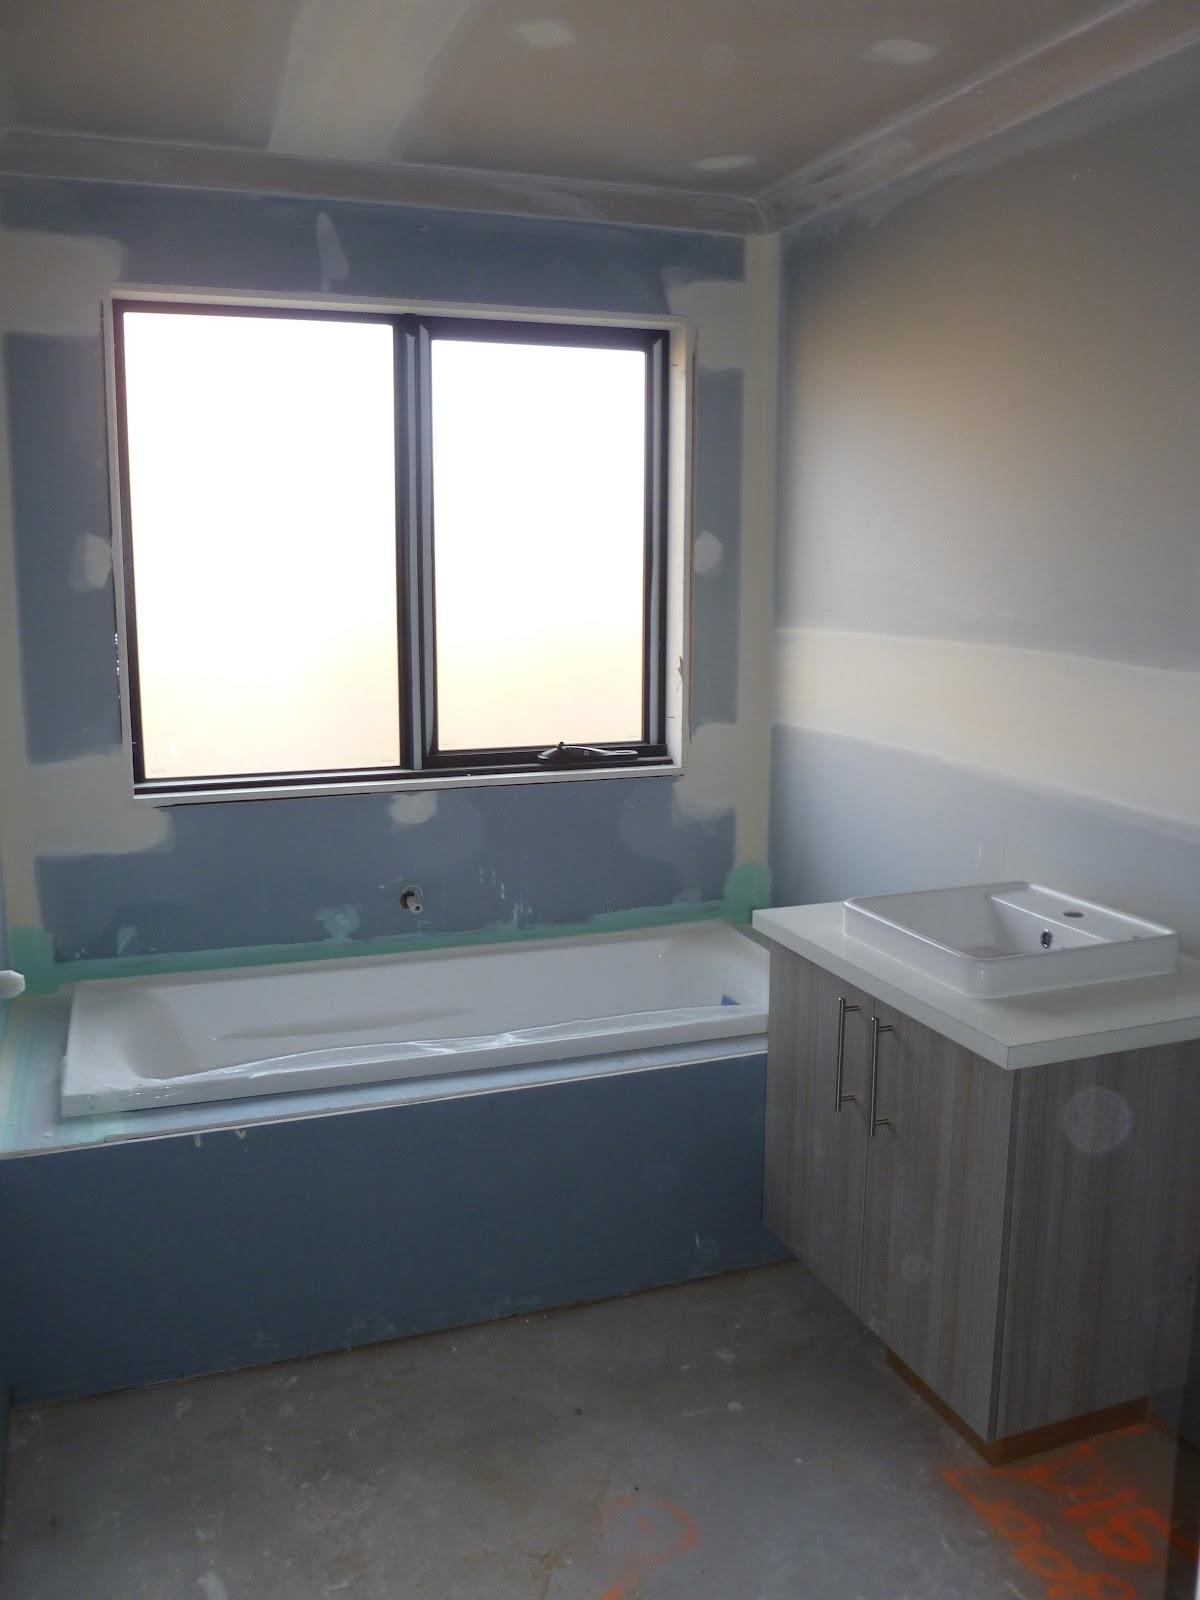 maison de reve estuaire dream house estuary cabinetry. Black Bedroom Furniture Sets. Home Design Ideas